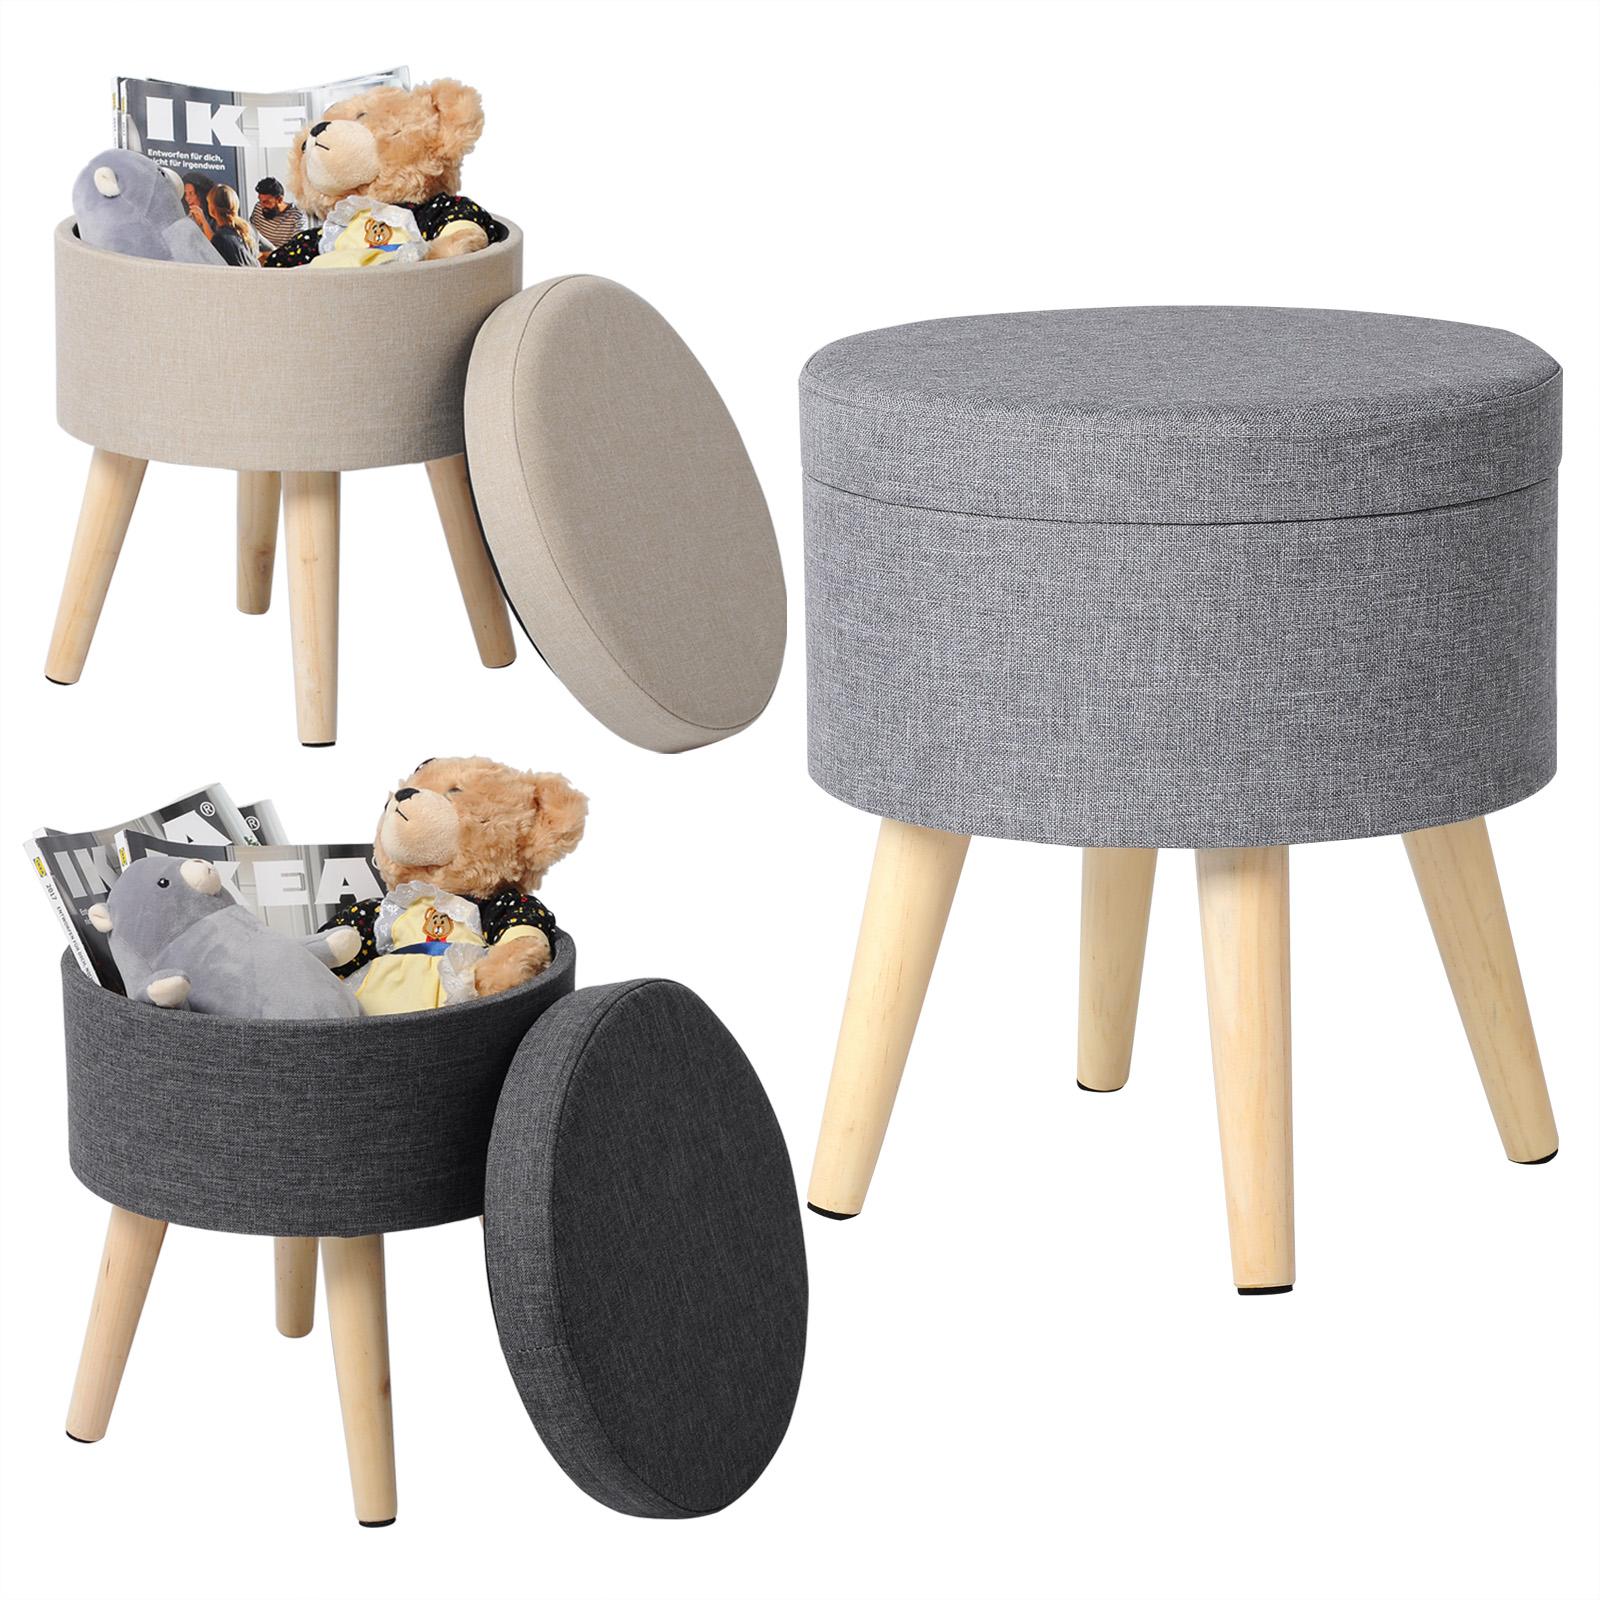 sitzhocker fu hocker hocker polsterhocker hocker mit stauraum leinen 753 24 ebay. Black Bedroom Furniture Sets. Home Design Ideas